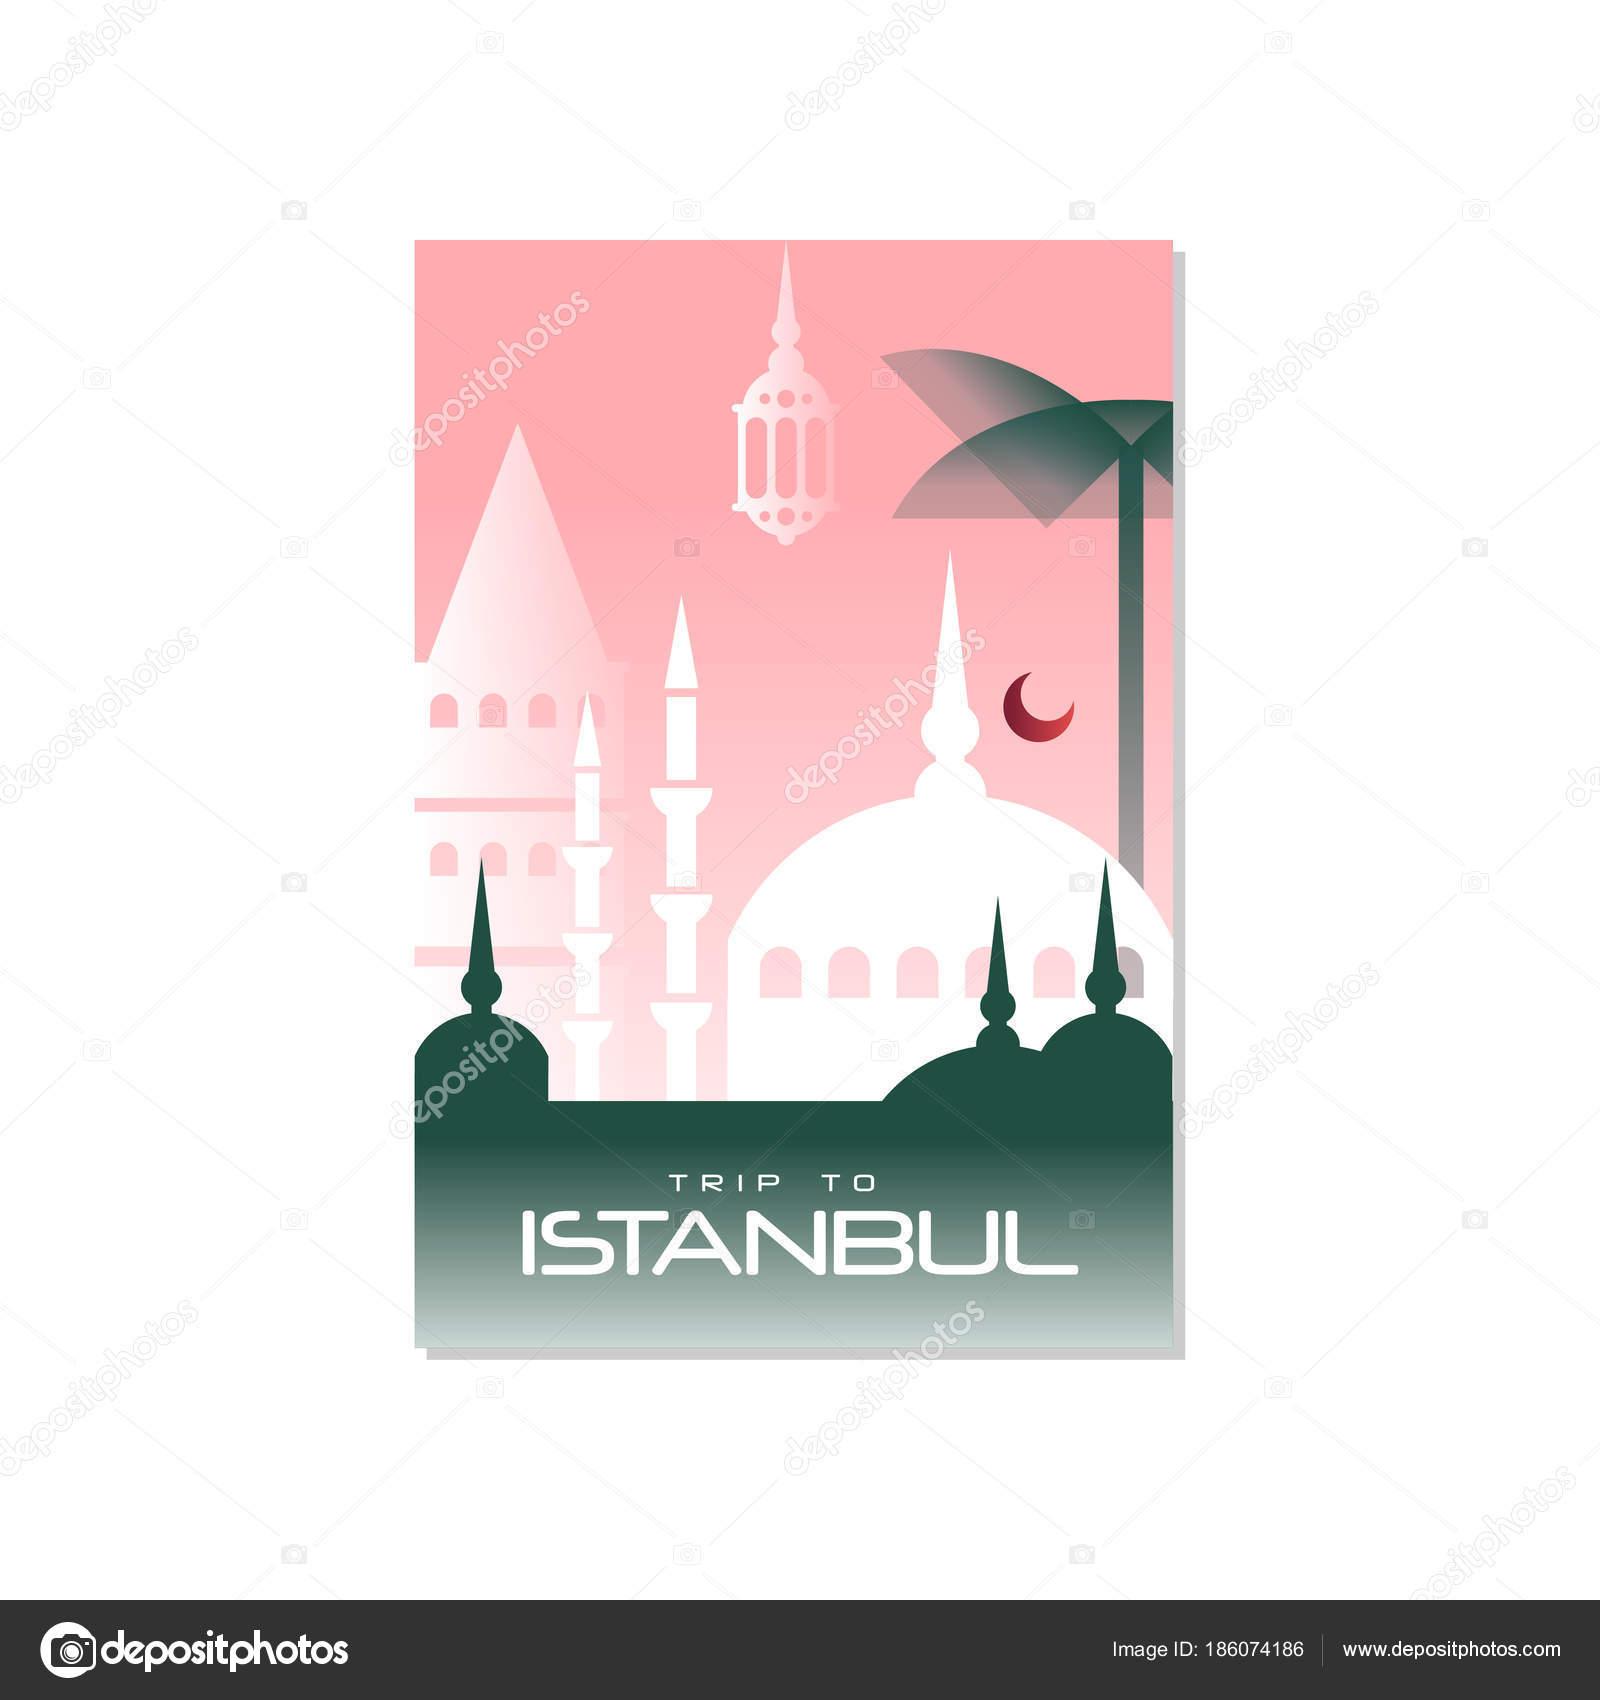 Reise nach Istanbul, Reise-Plakat-Vorlage, touristische Grußkarte ...